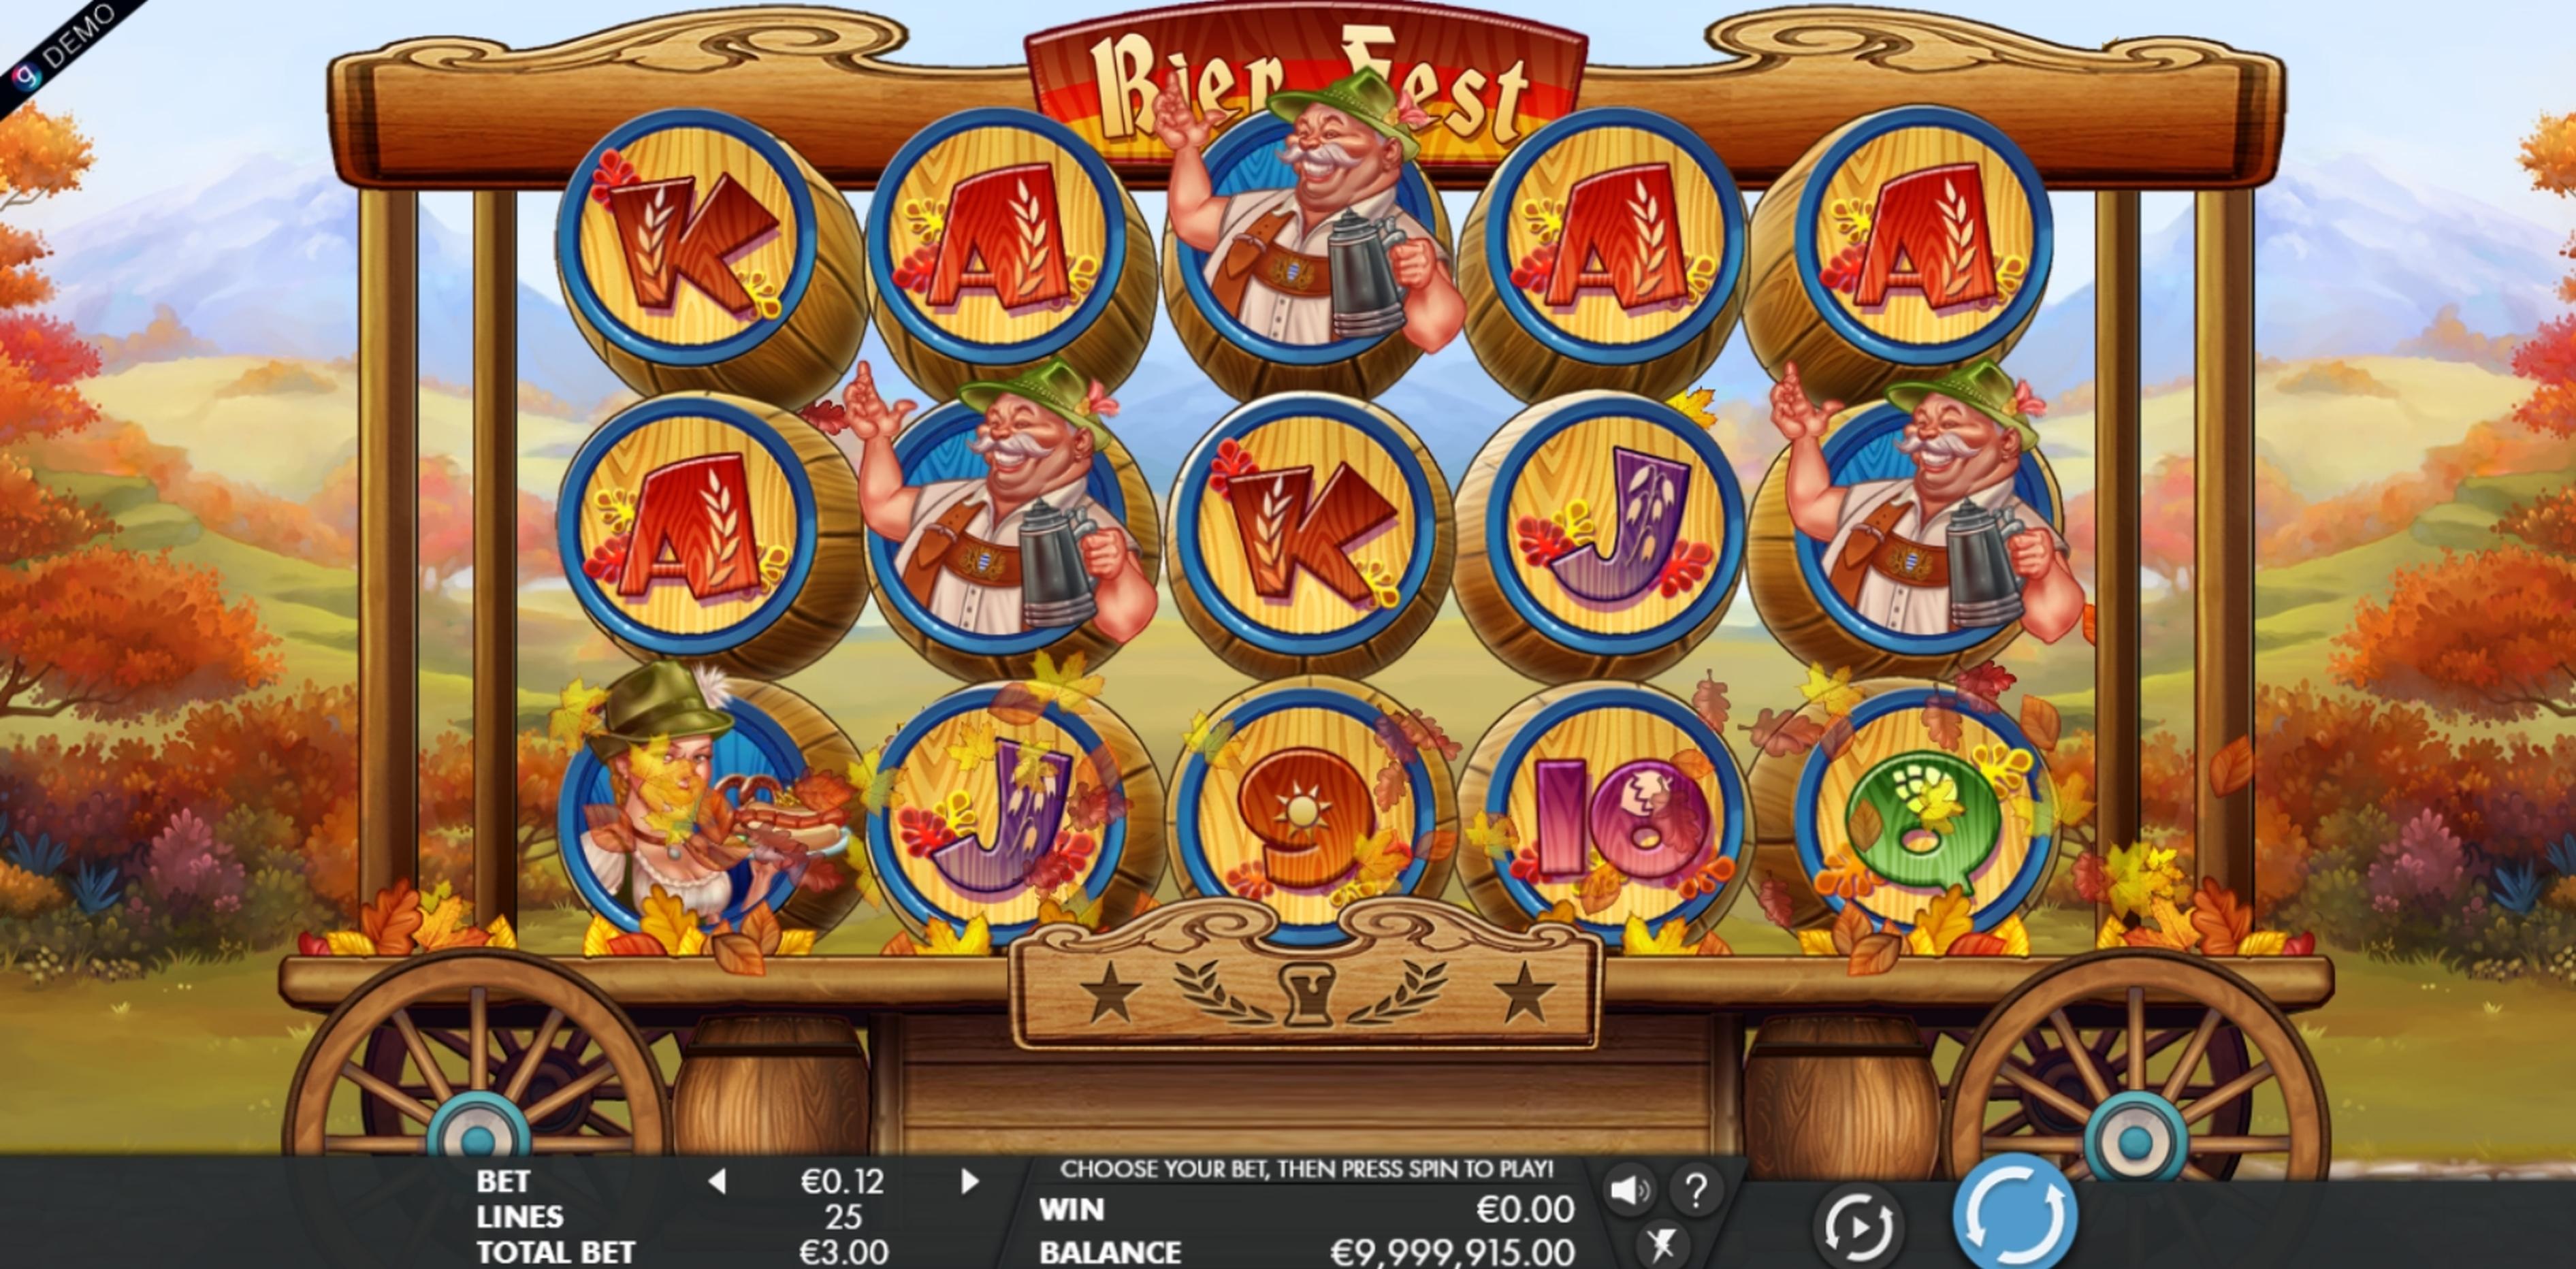 Bier Fest Slot Machine